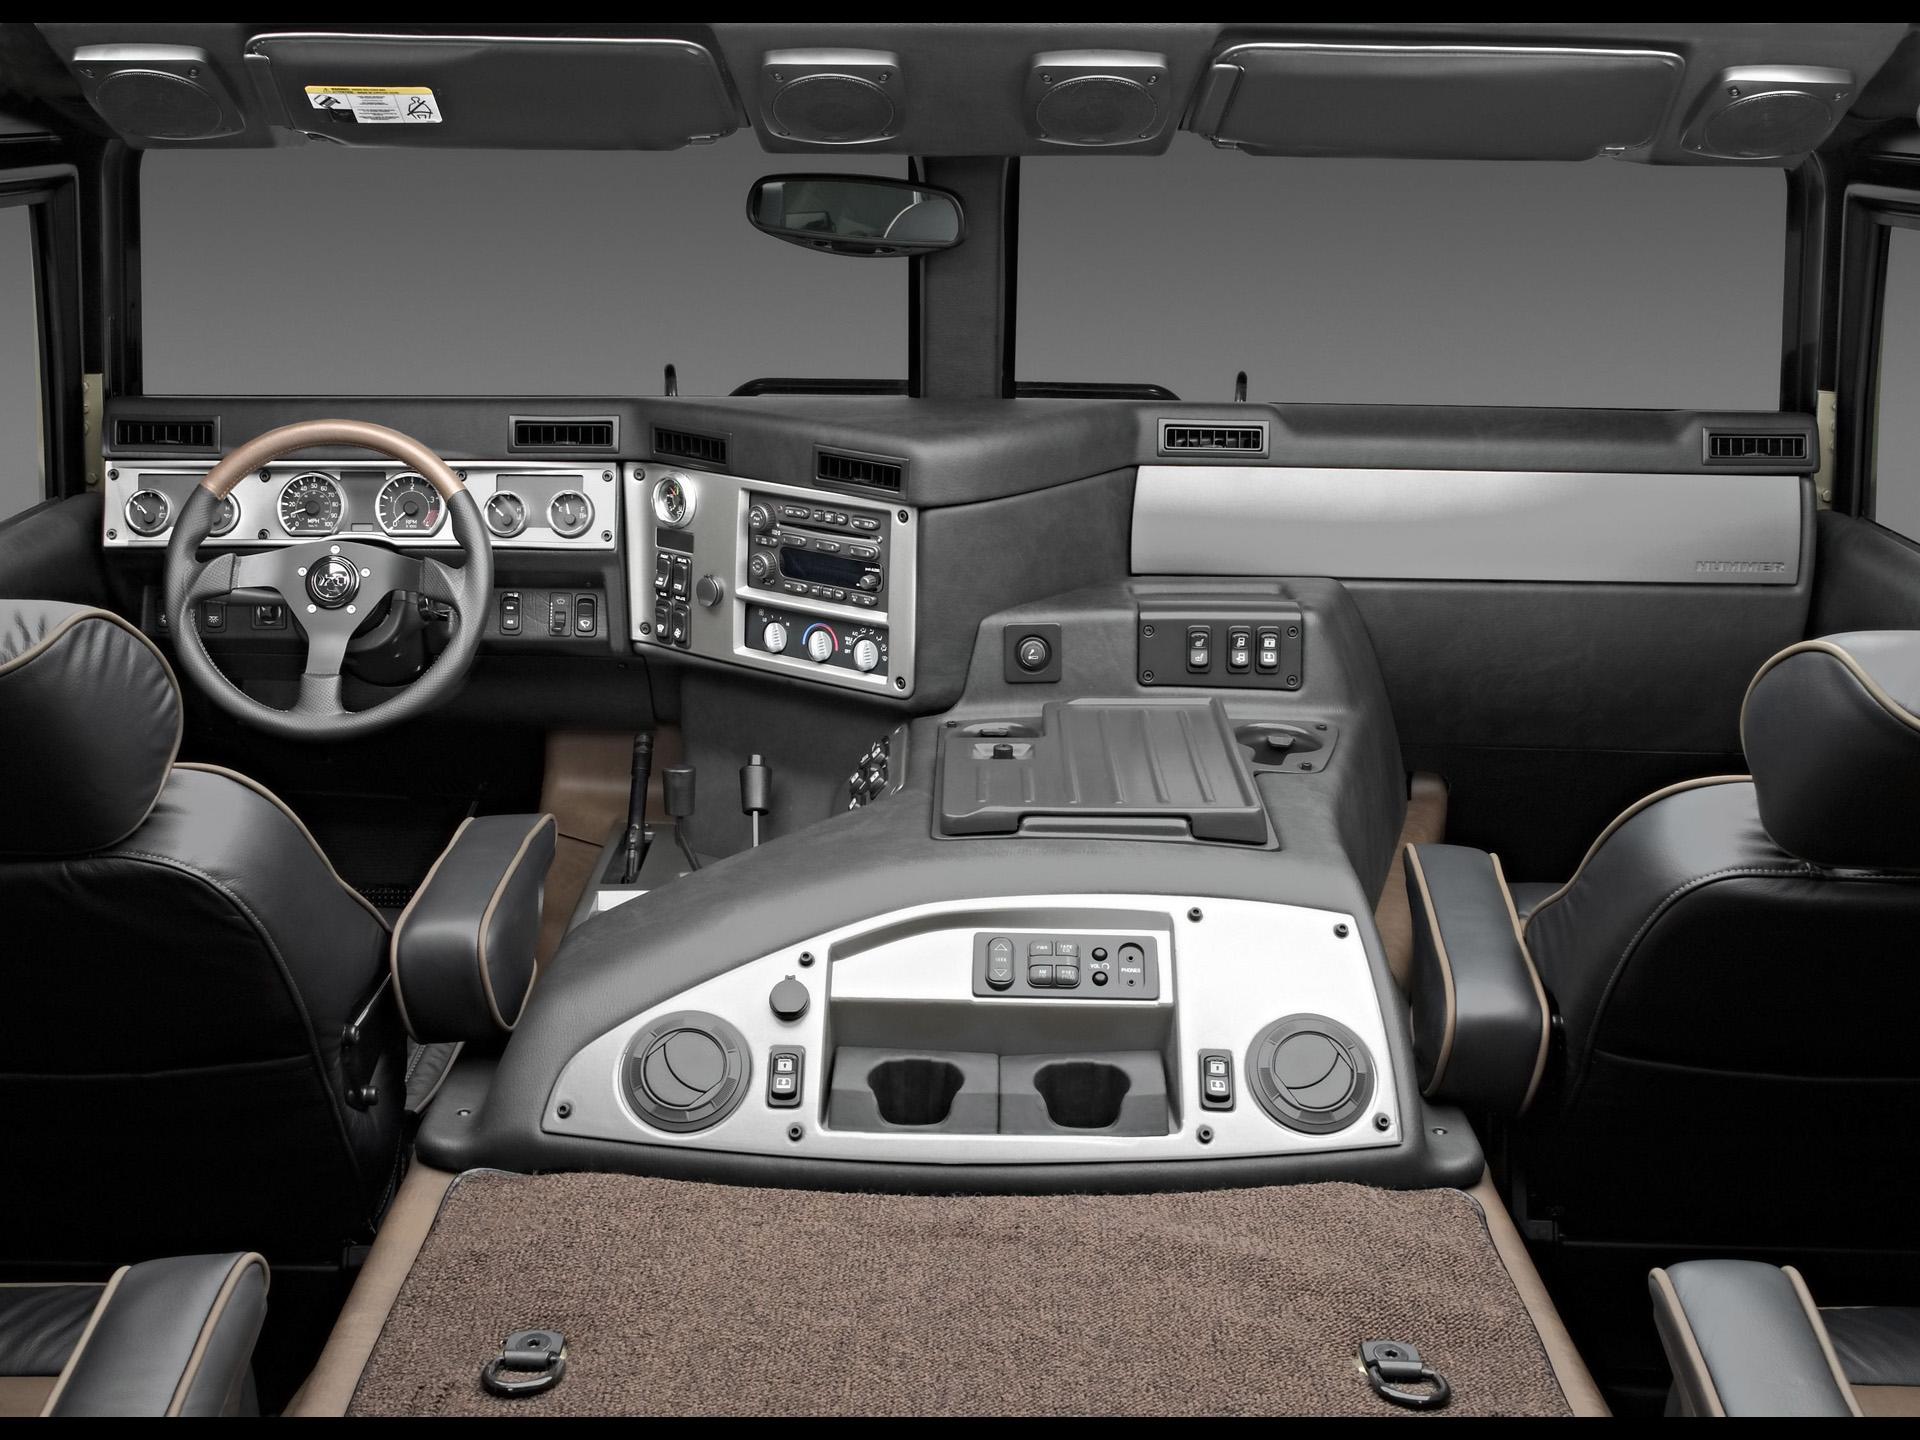 2004 Hummer H1 Inteior